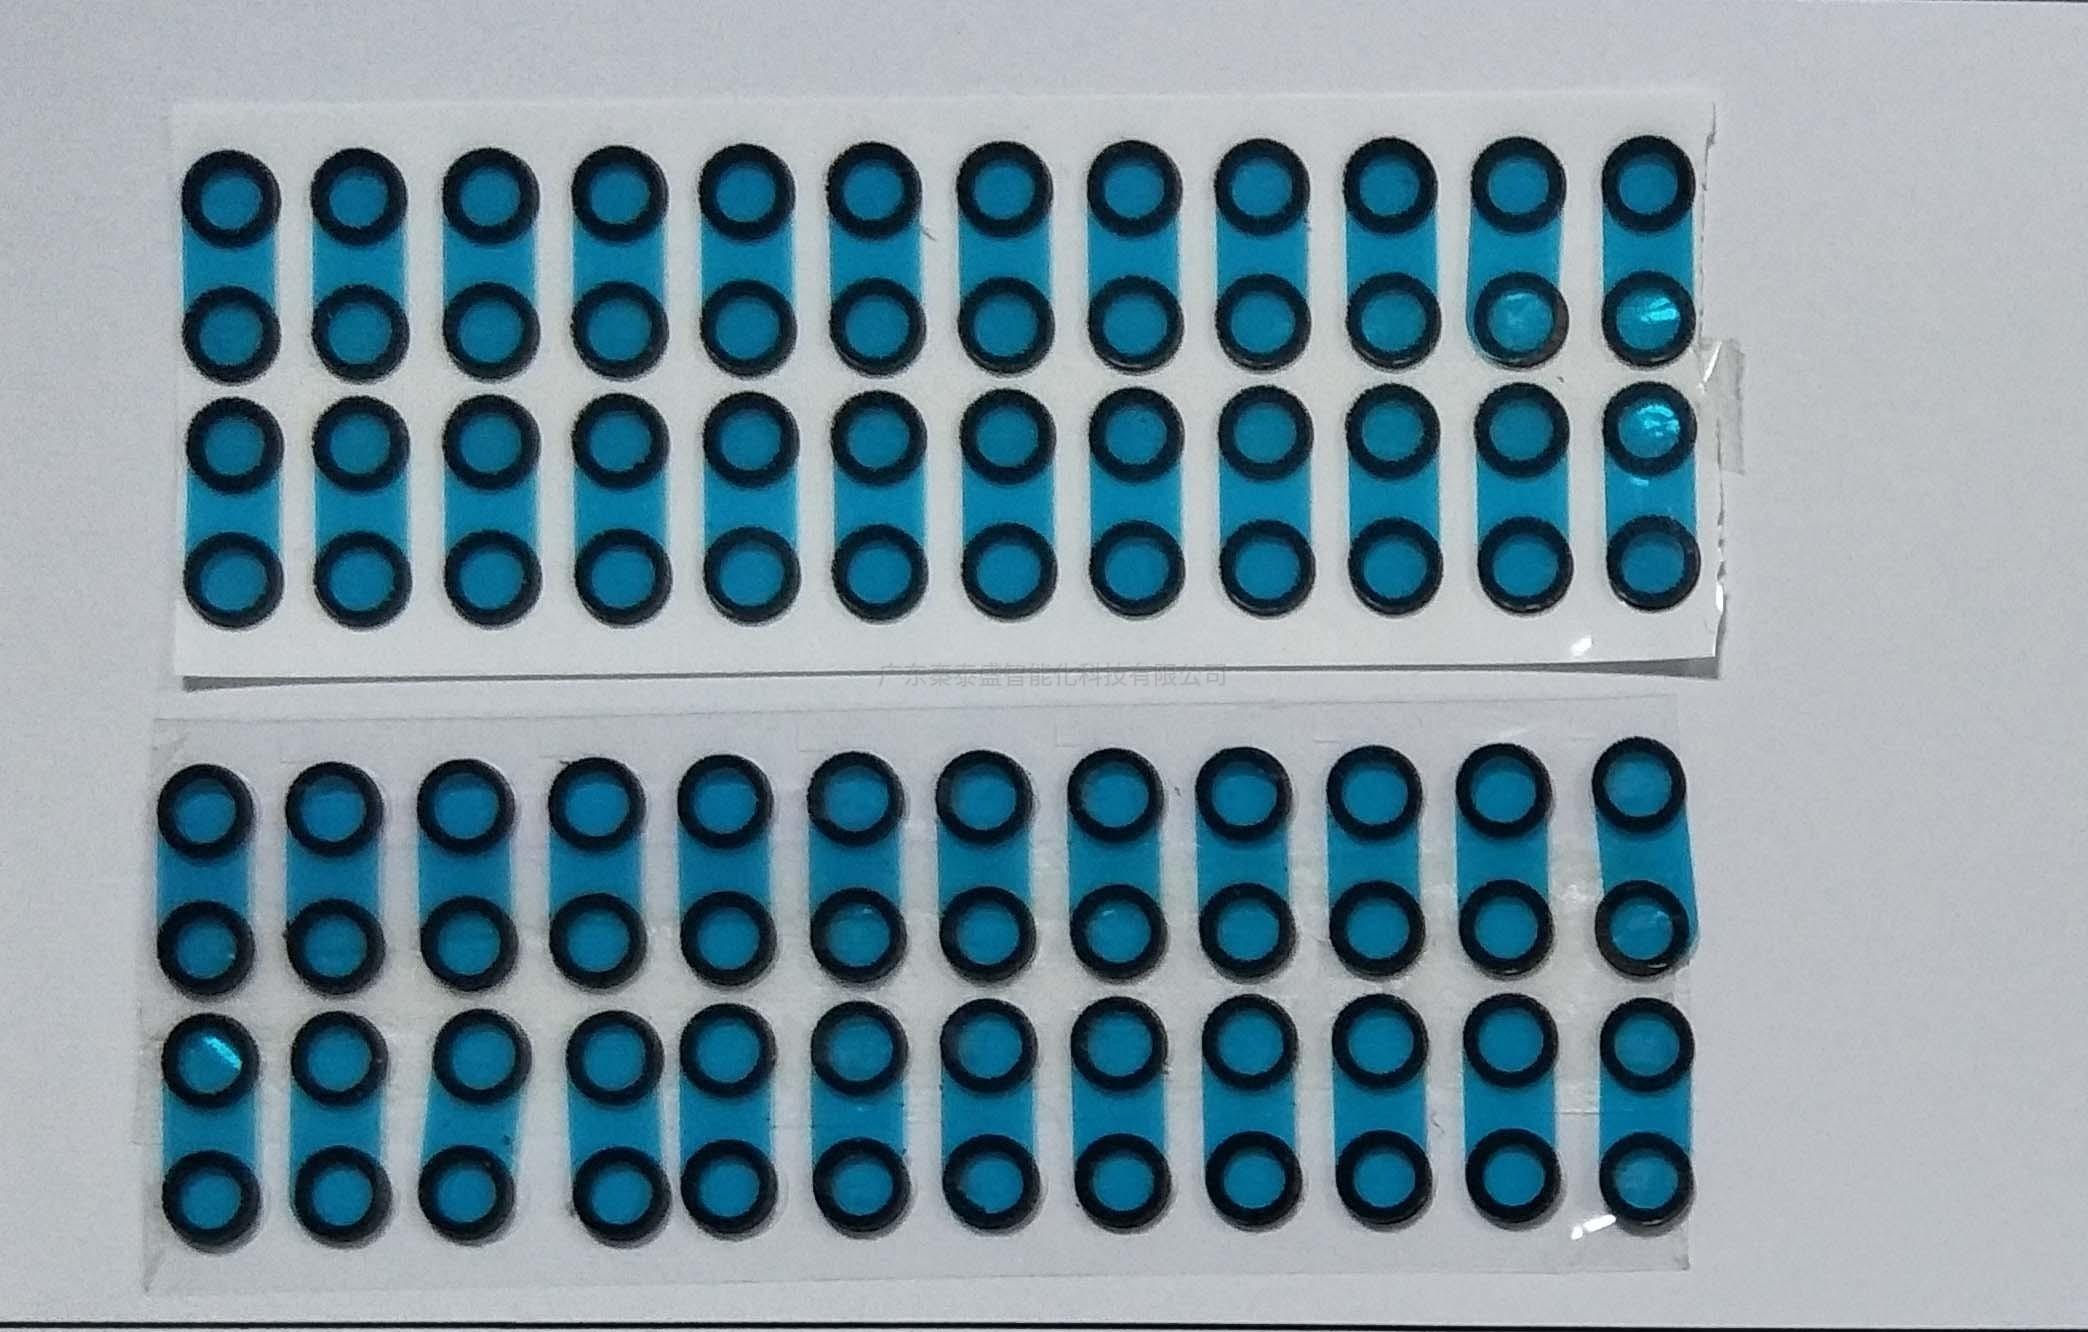 静电对双面贴标机的危害有哪些?对双面贴标机的危害